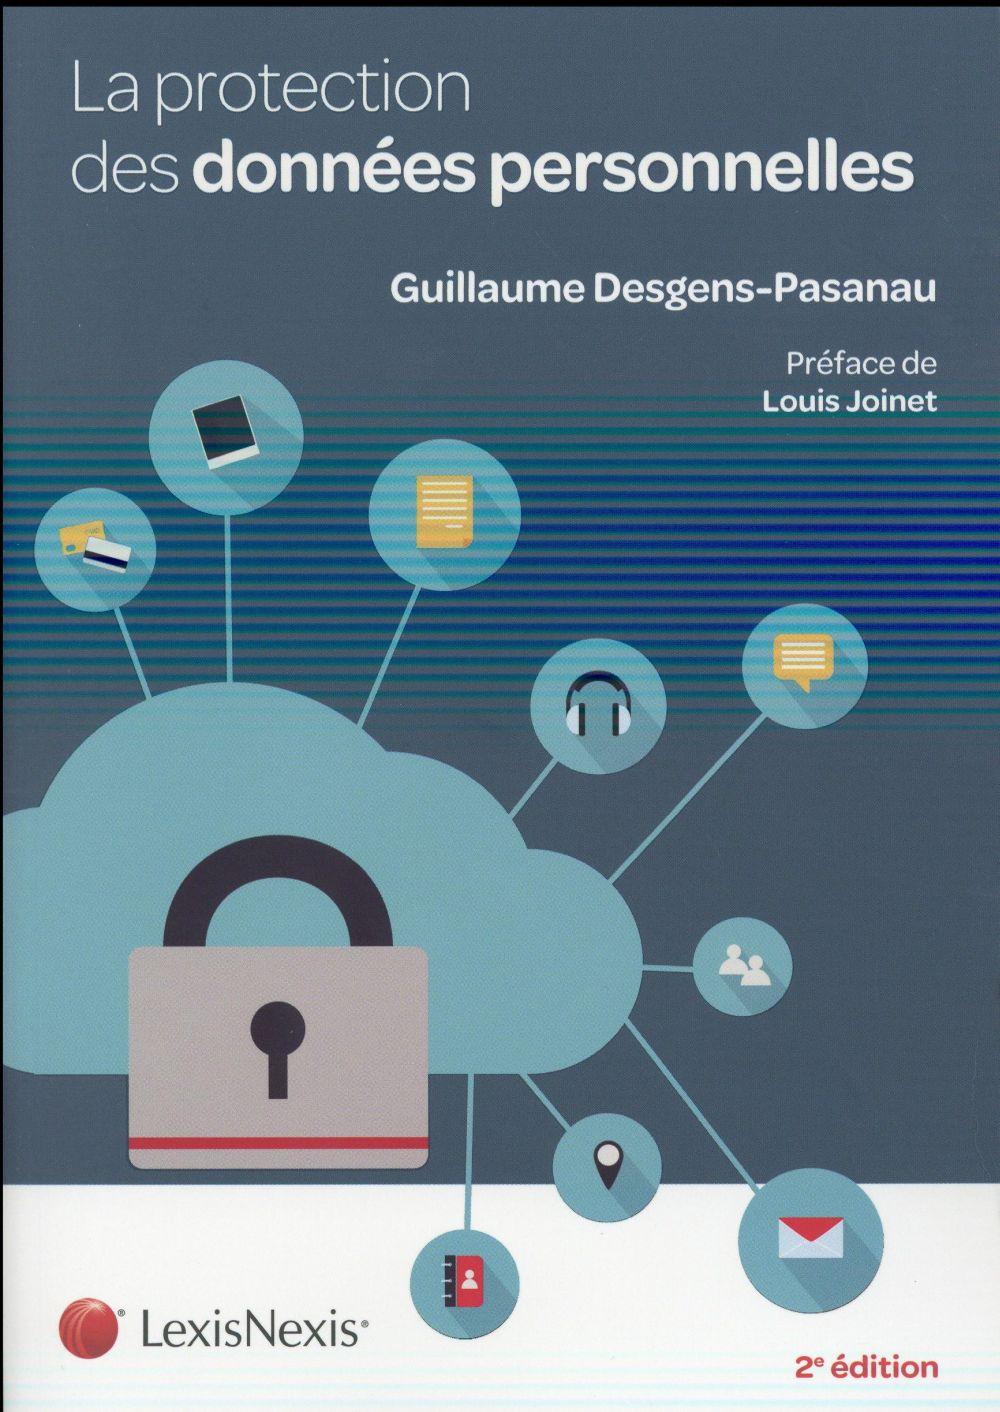 La protection des données personnelles (2e édition)